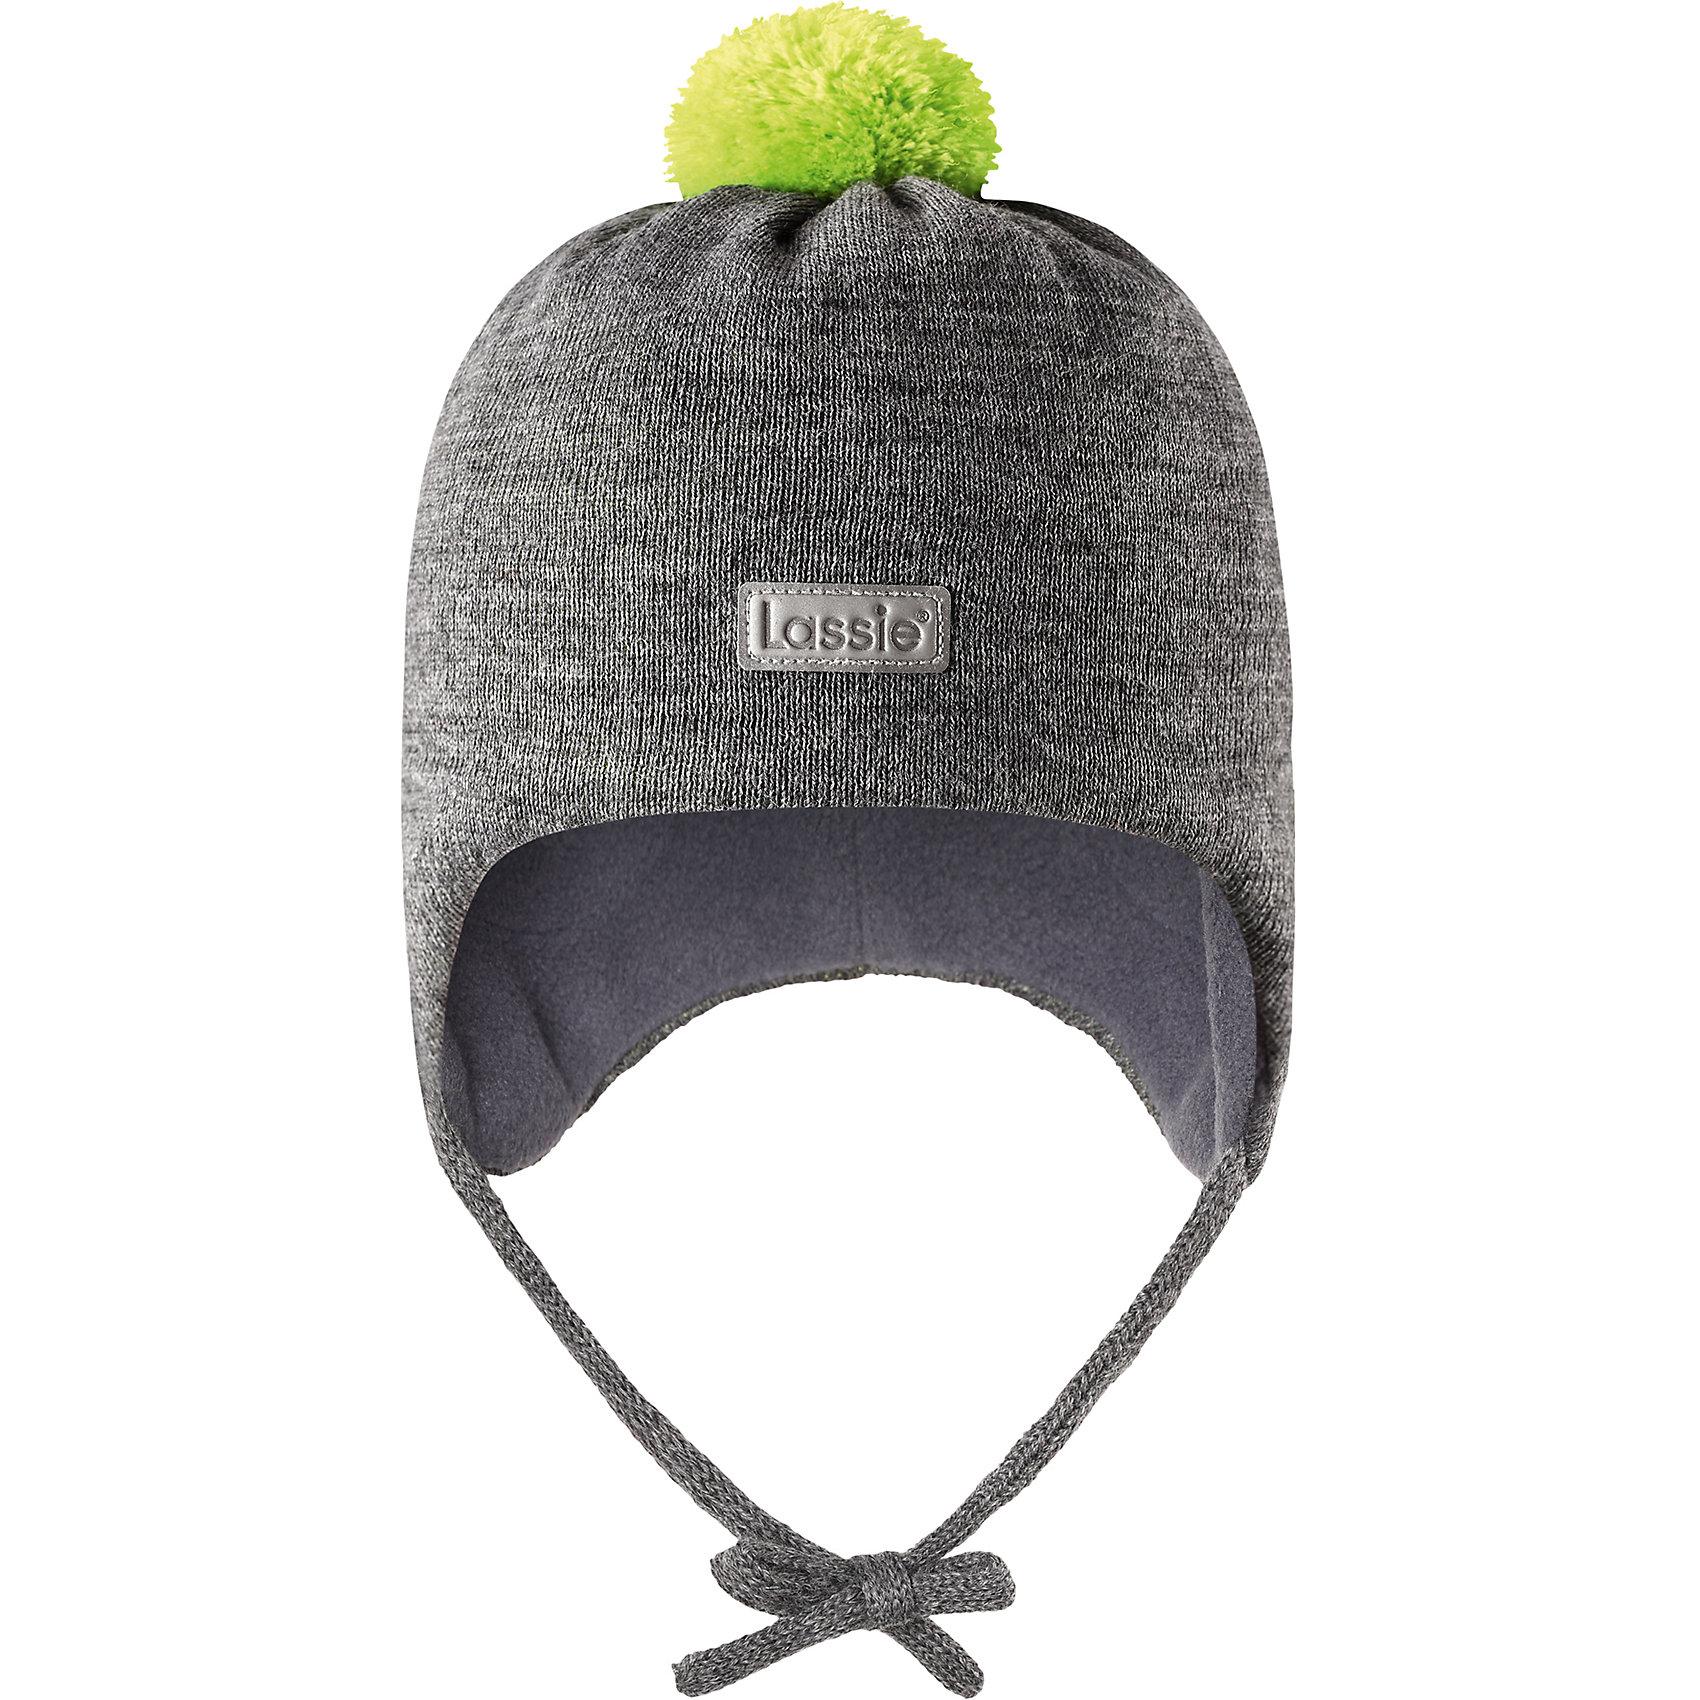 Шапка LassieШапки и шарфы<br>Характеристики товара:<br><br>• цвет: серый;<br>• состав: 50% шерсть, 50% полиакрил; <br>• подкладка: 100% полиэстер, флис;<br>• сезон: зима;<br>• без дополнительного утепления;<br>• температурный режим: от 0 до -20С;<br>• мягкая и теплая ткань из смеси шерсти;<br>• ветронепроницаемые вставки в области ушей;<br>• сплошная подкладка: мягкий теплый флис;<br>• шапка на завязках, с помпоном сверху;<br>• светоотражающие детали;<br>• страна бренда: Финляндия;<br>• страна изготовитель: Китай;<br><br>Эта стильная шапка для малышей с помпонами контрастного цвета и рисунком оживит зимние наряды! Ветронепроницаемые вставки в области ушей защищают нежные детские ушки во время игр на свежем воздухе. Шапка связана из теплой полушерстяной пряжи.<br><br>Шапку Lassie (Ласси) можно купить в нашем интернет-магазине.<br><br>Ширина мм: 89<br>Глубина мм: 117<br>Высота мм: 44<br>Вес г: 155<br>Цвет: серый<br>Возраст от месяцев: 36<br>Возраст до месяцев: 72<br>Пол: Унисекс<br>Возраст: Детский<br>Размер: 50-52,42-44,44-46,46-48<br>SKU: 6905610